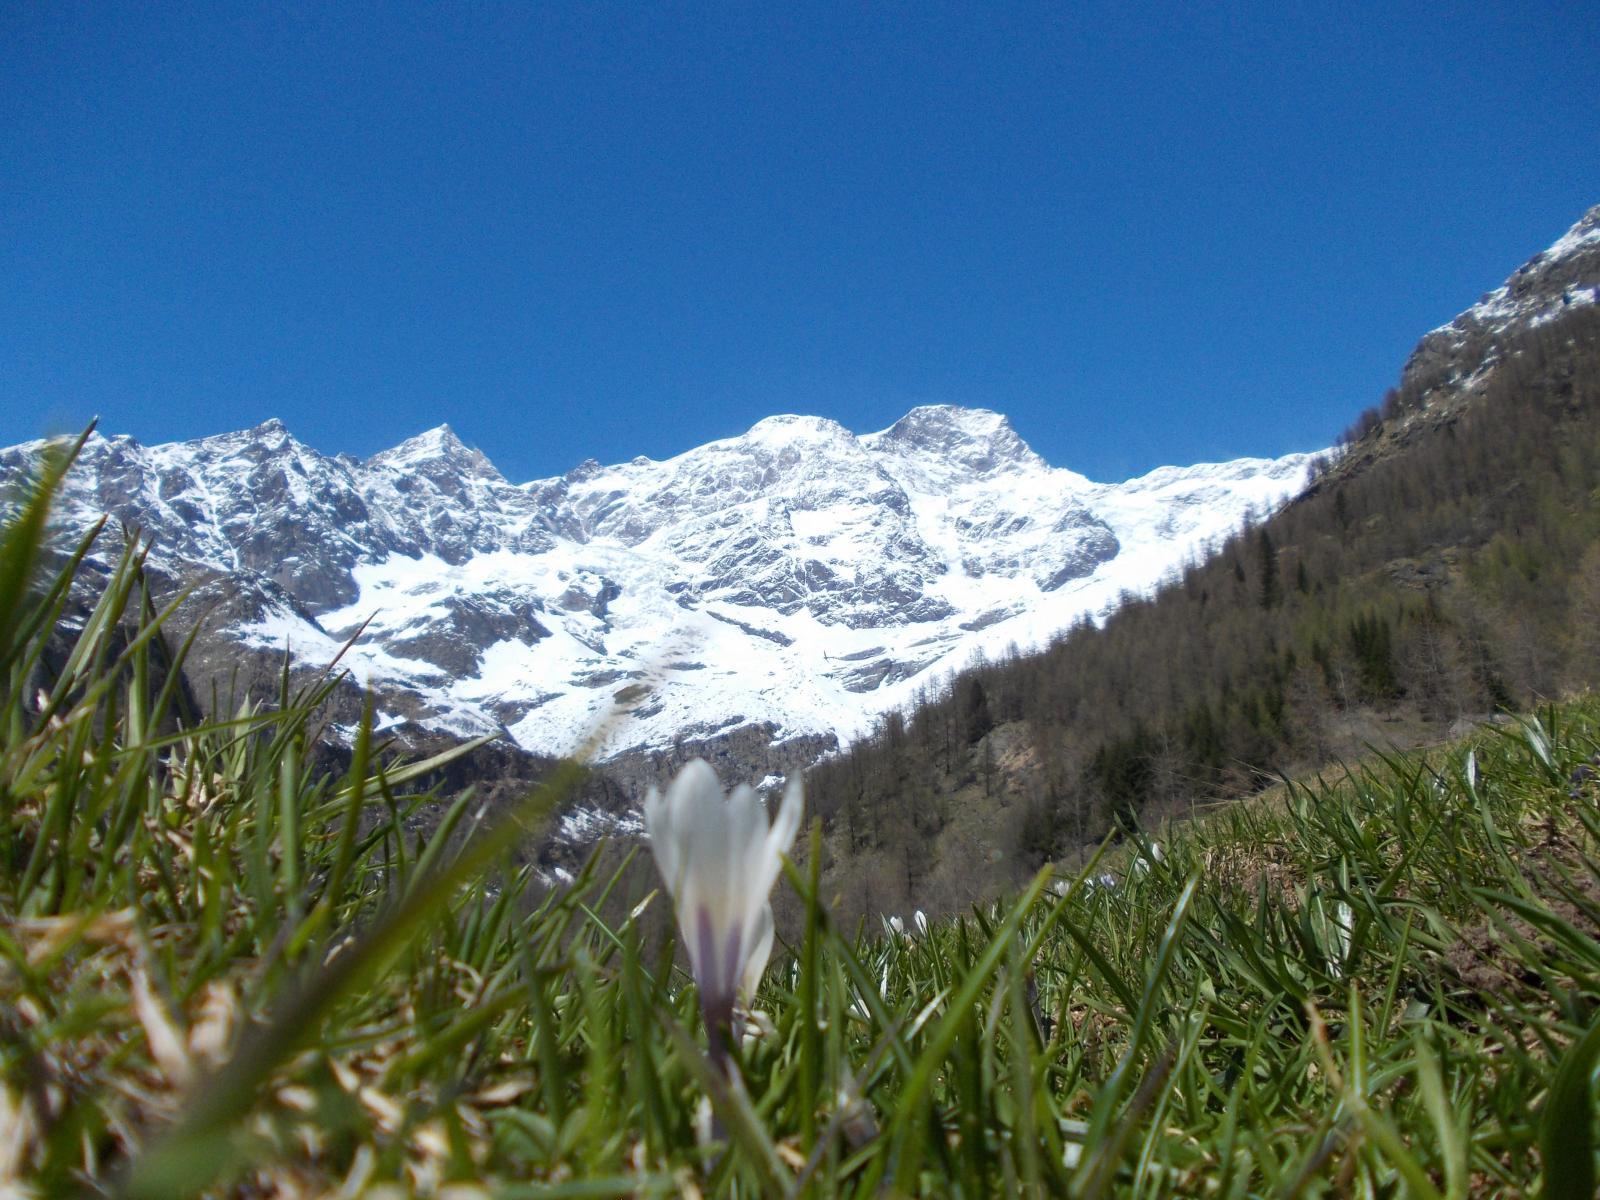 Spuntano i fiori alla base del Monte Rosa ...